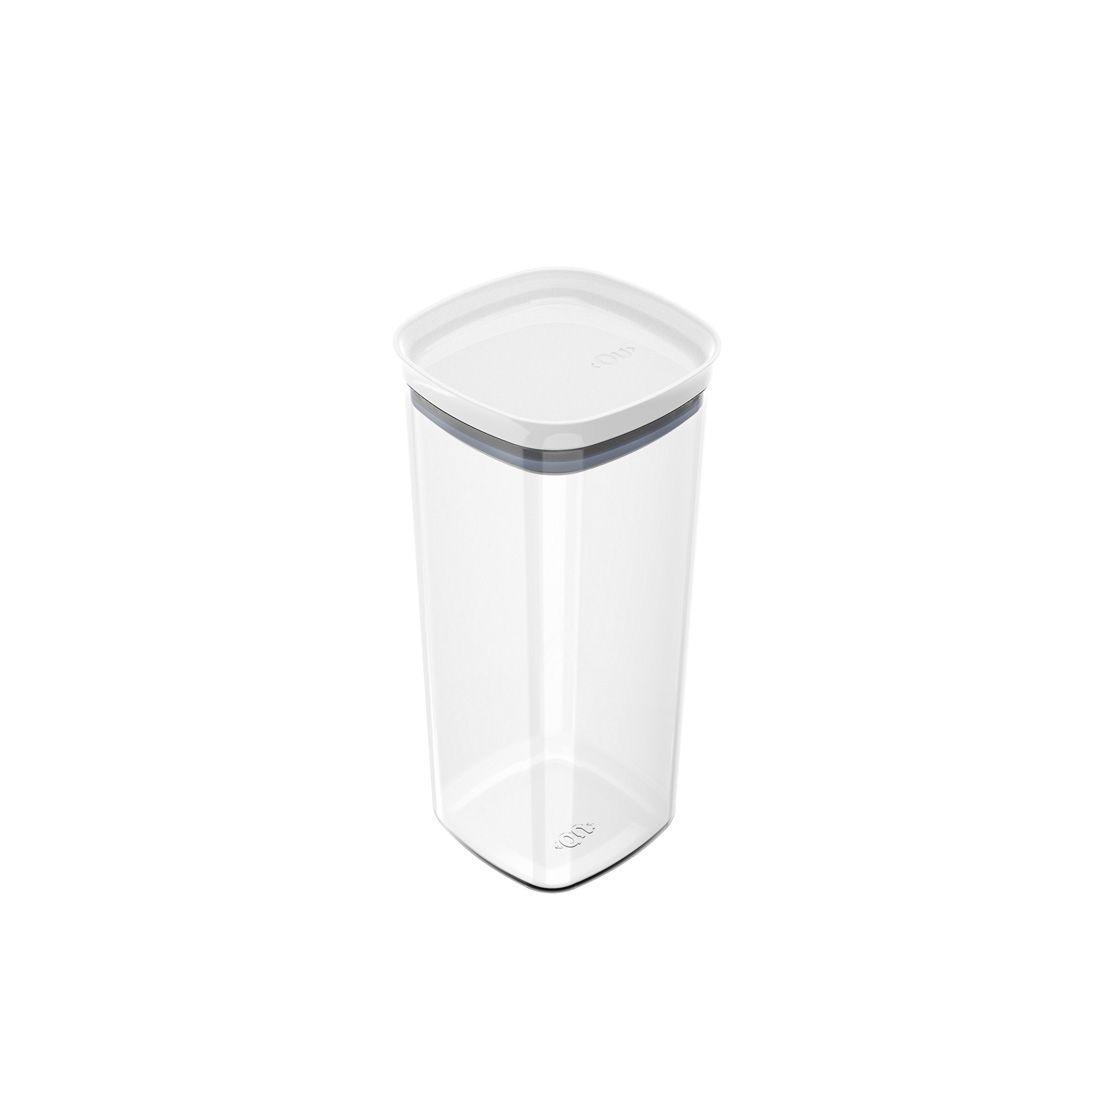 Pote 1,5L de Plástico com Tampa Hermética Block Branco